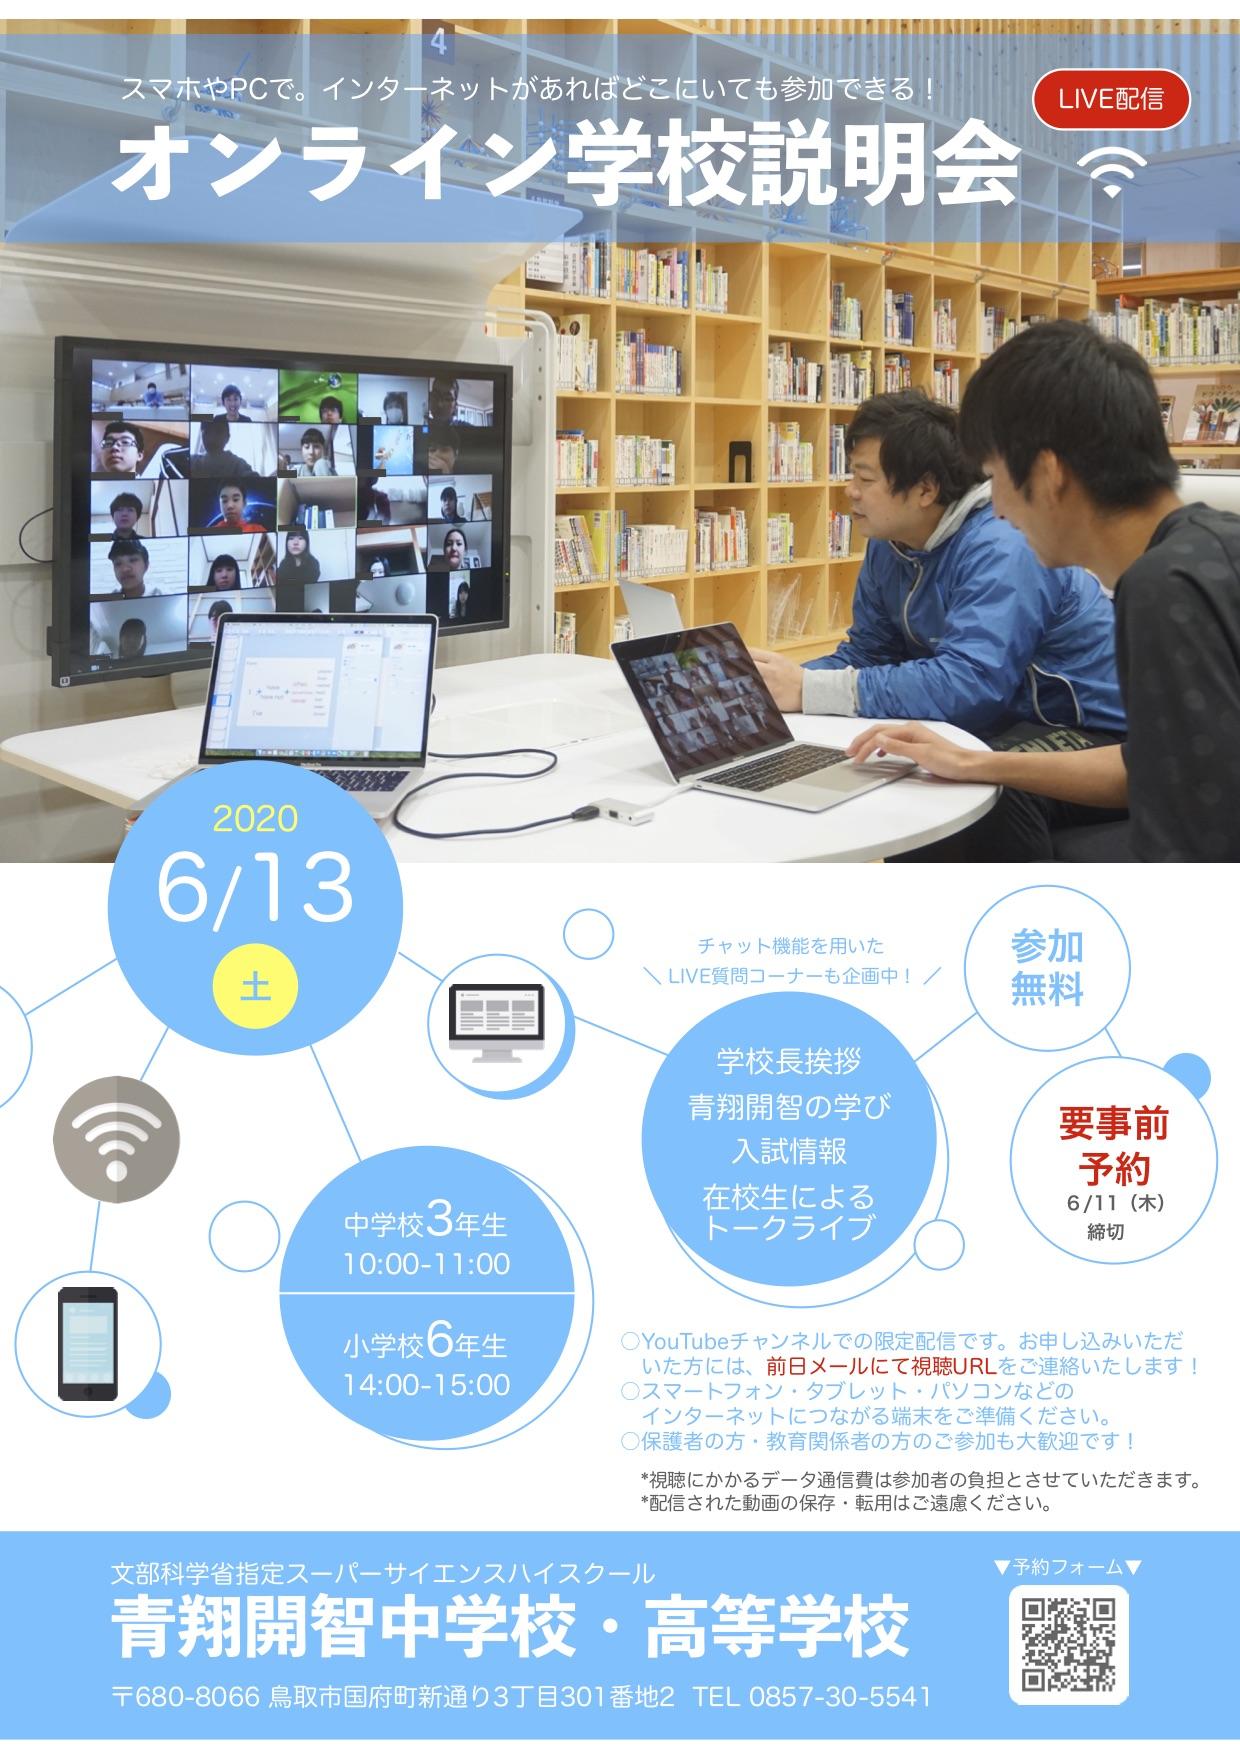 オンライン学校説明会(小6生対象)